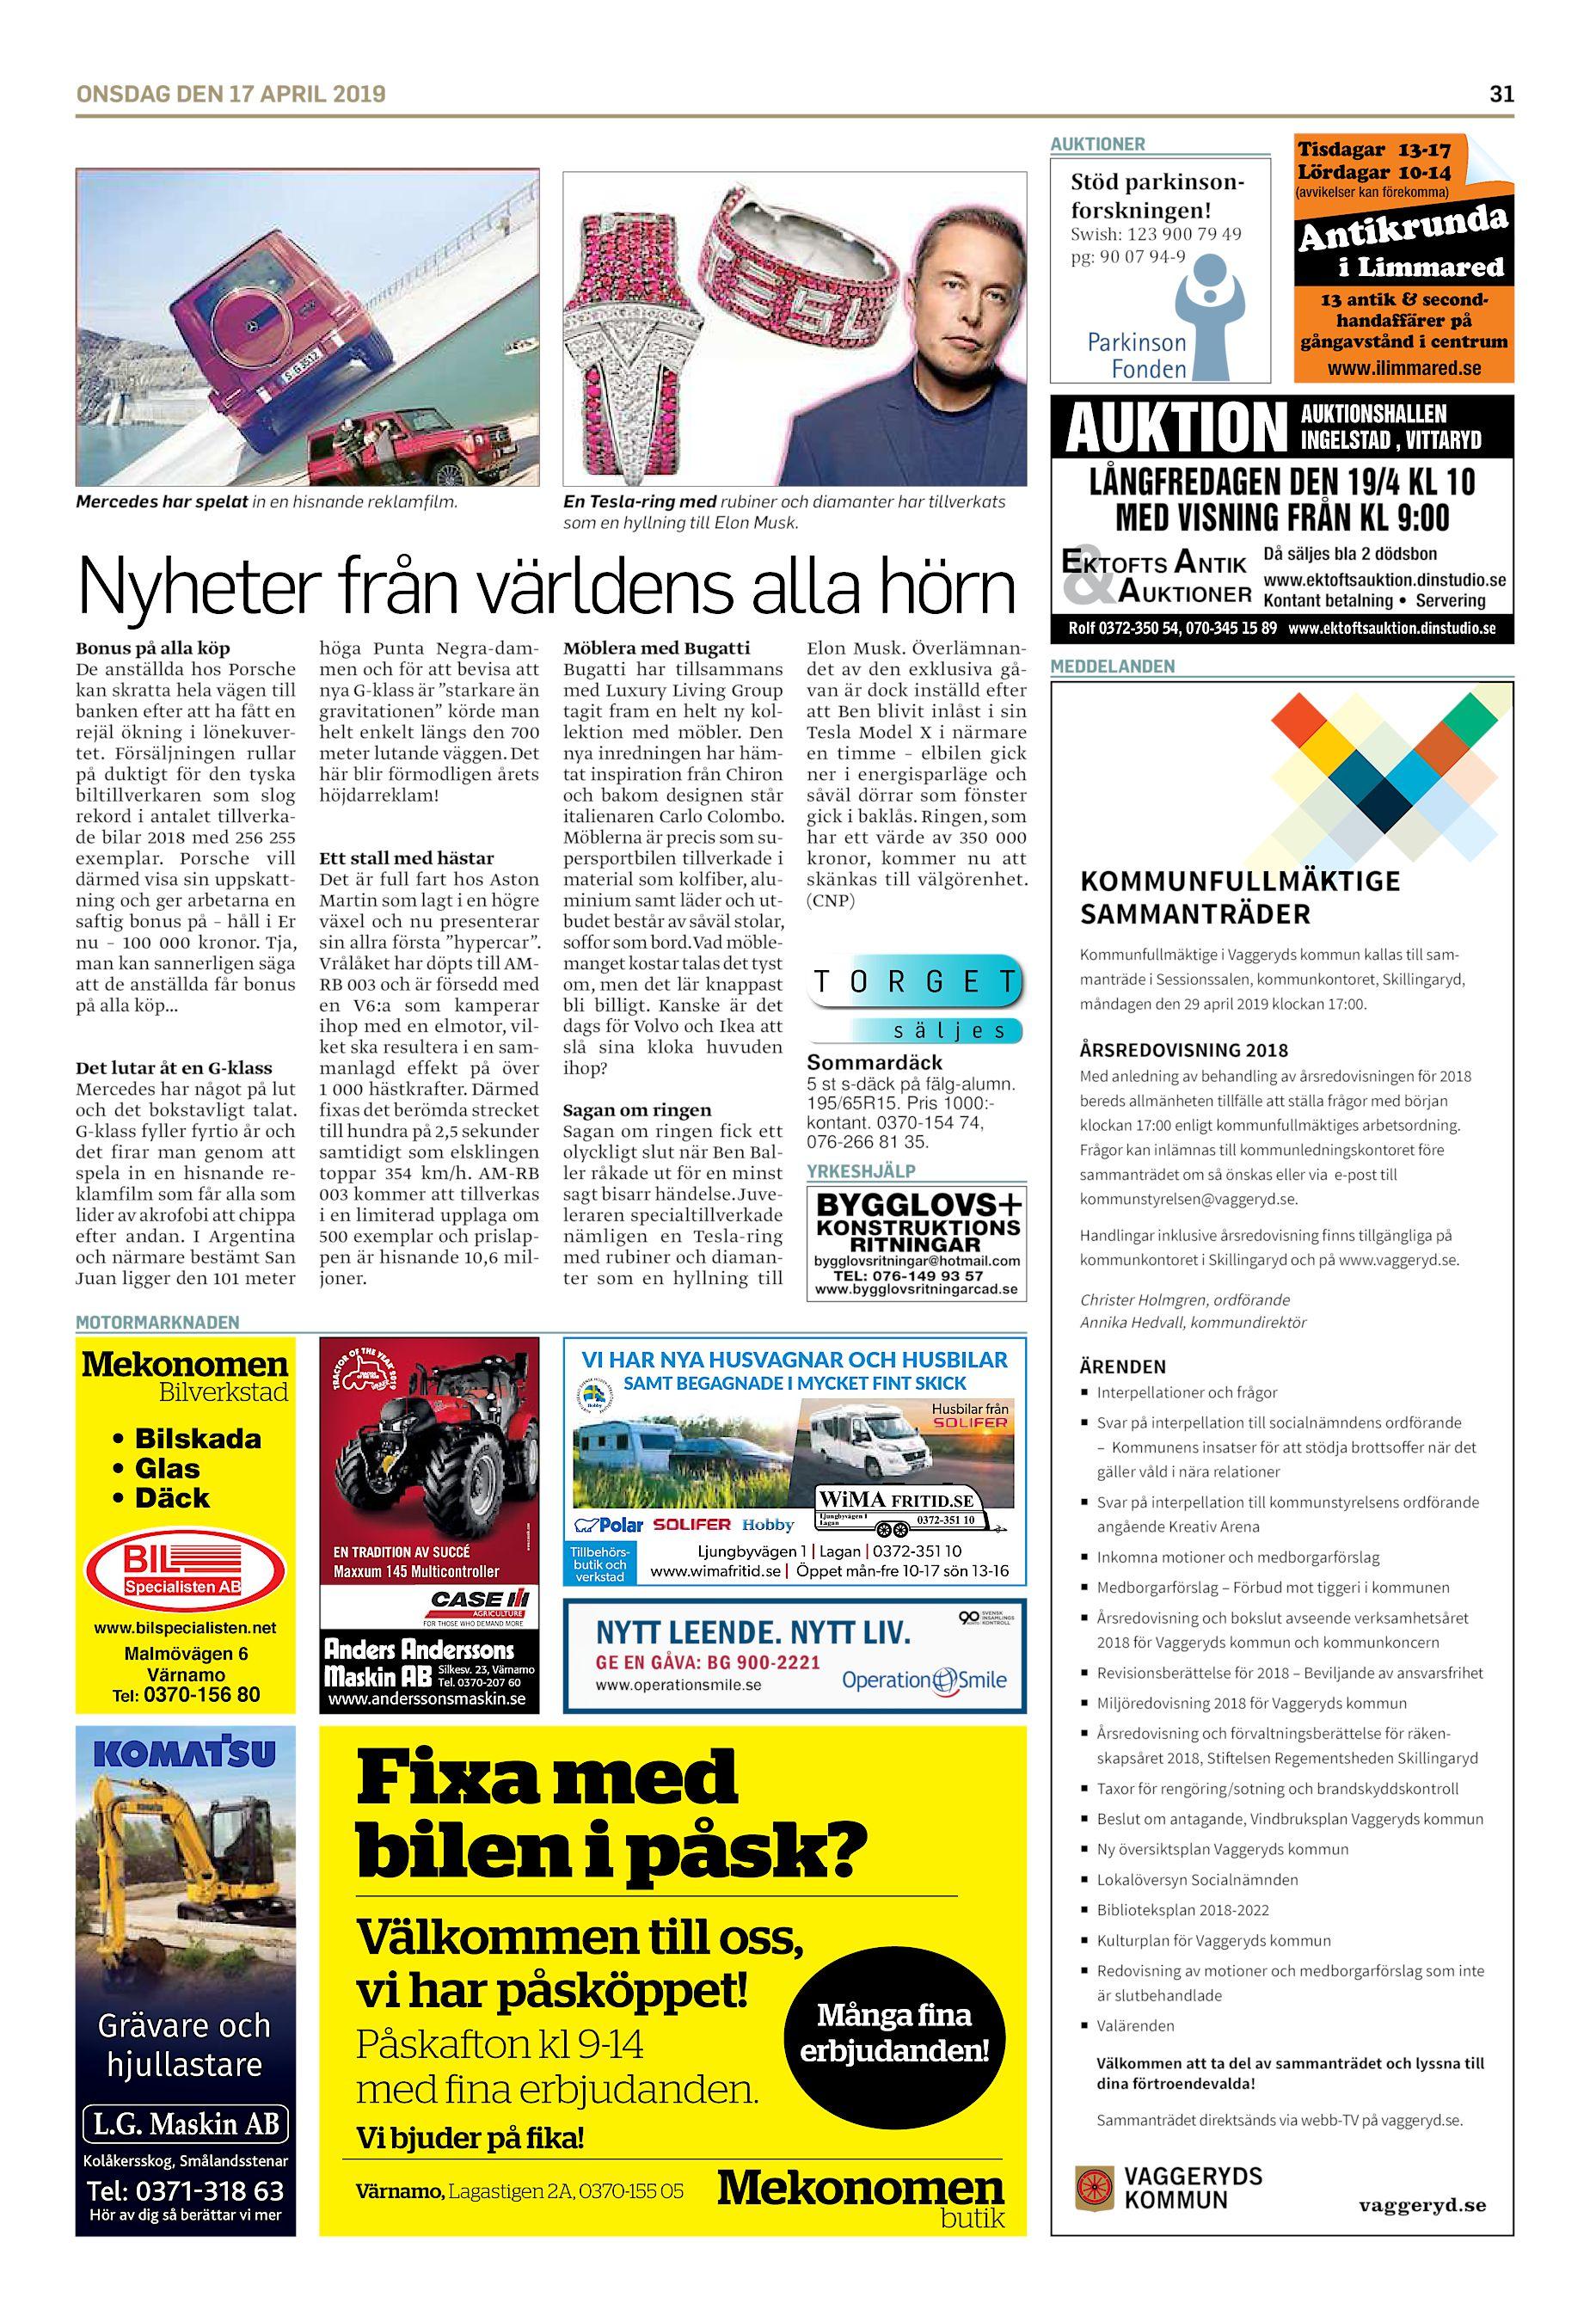 Ostoja Bjelovuk, Norra Nissastigen 1B, Smlandsstenar | unam.net